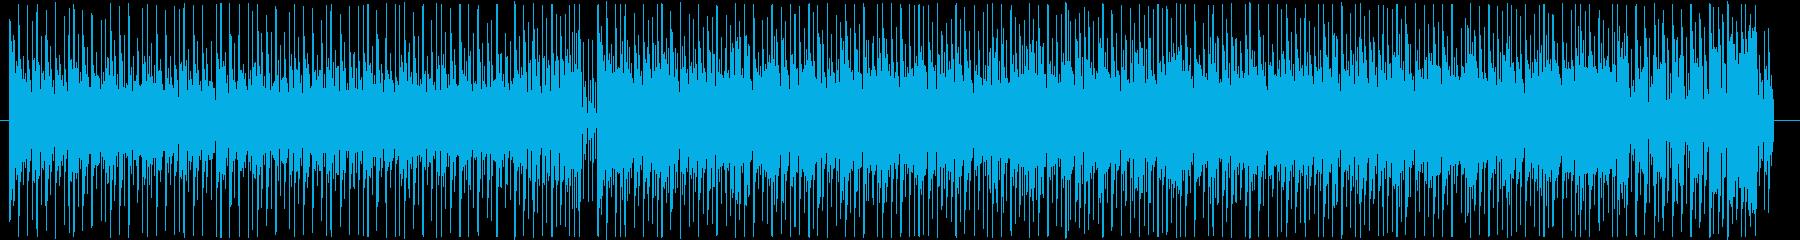 動画に使えそうな疾走感のあるBGMの再生済みの波形